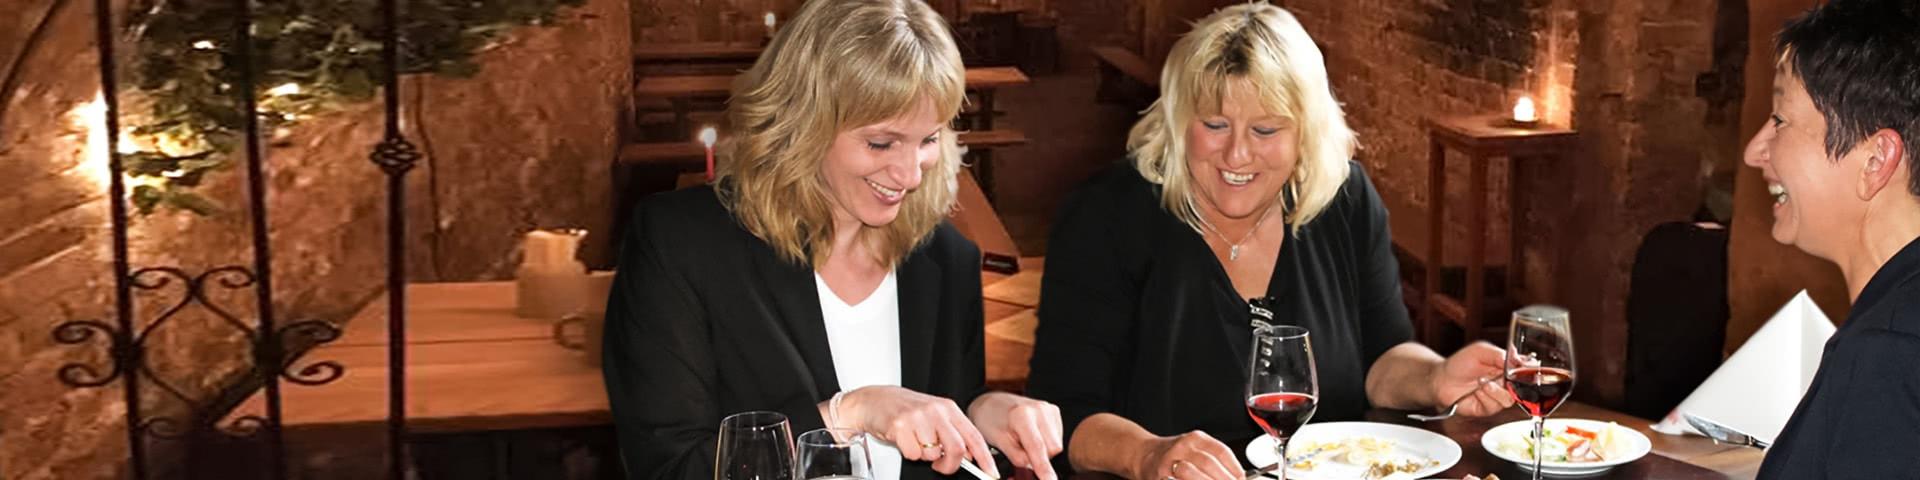 Frauengruppe isst gemeinsam im Gambrinuskeller in Lübeck